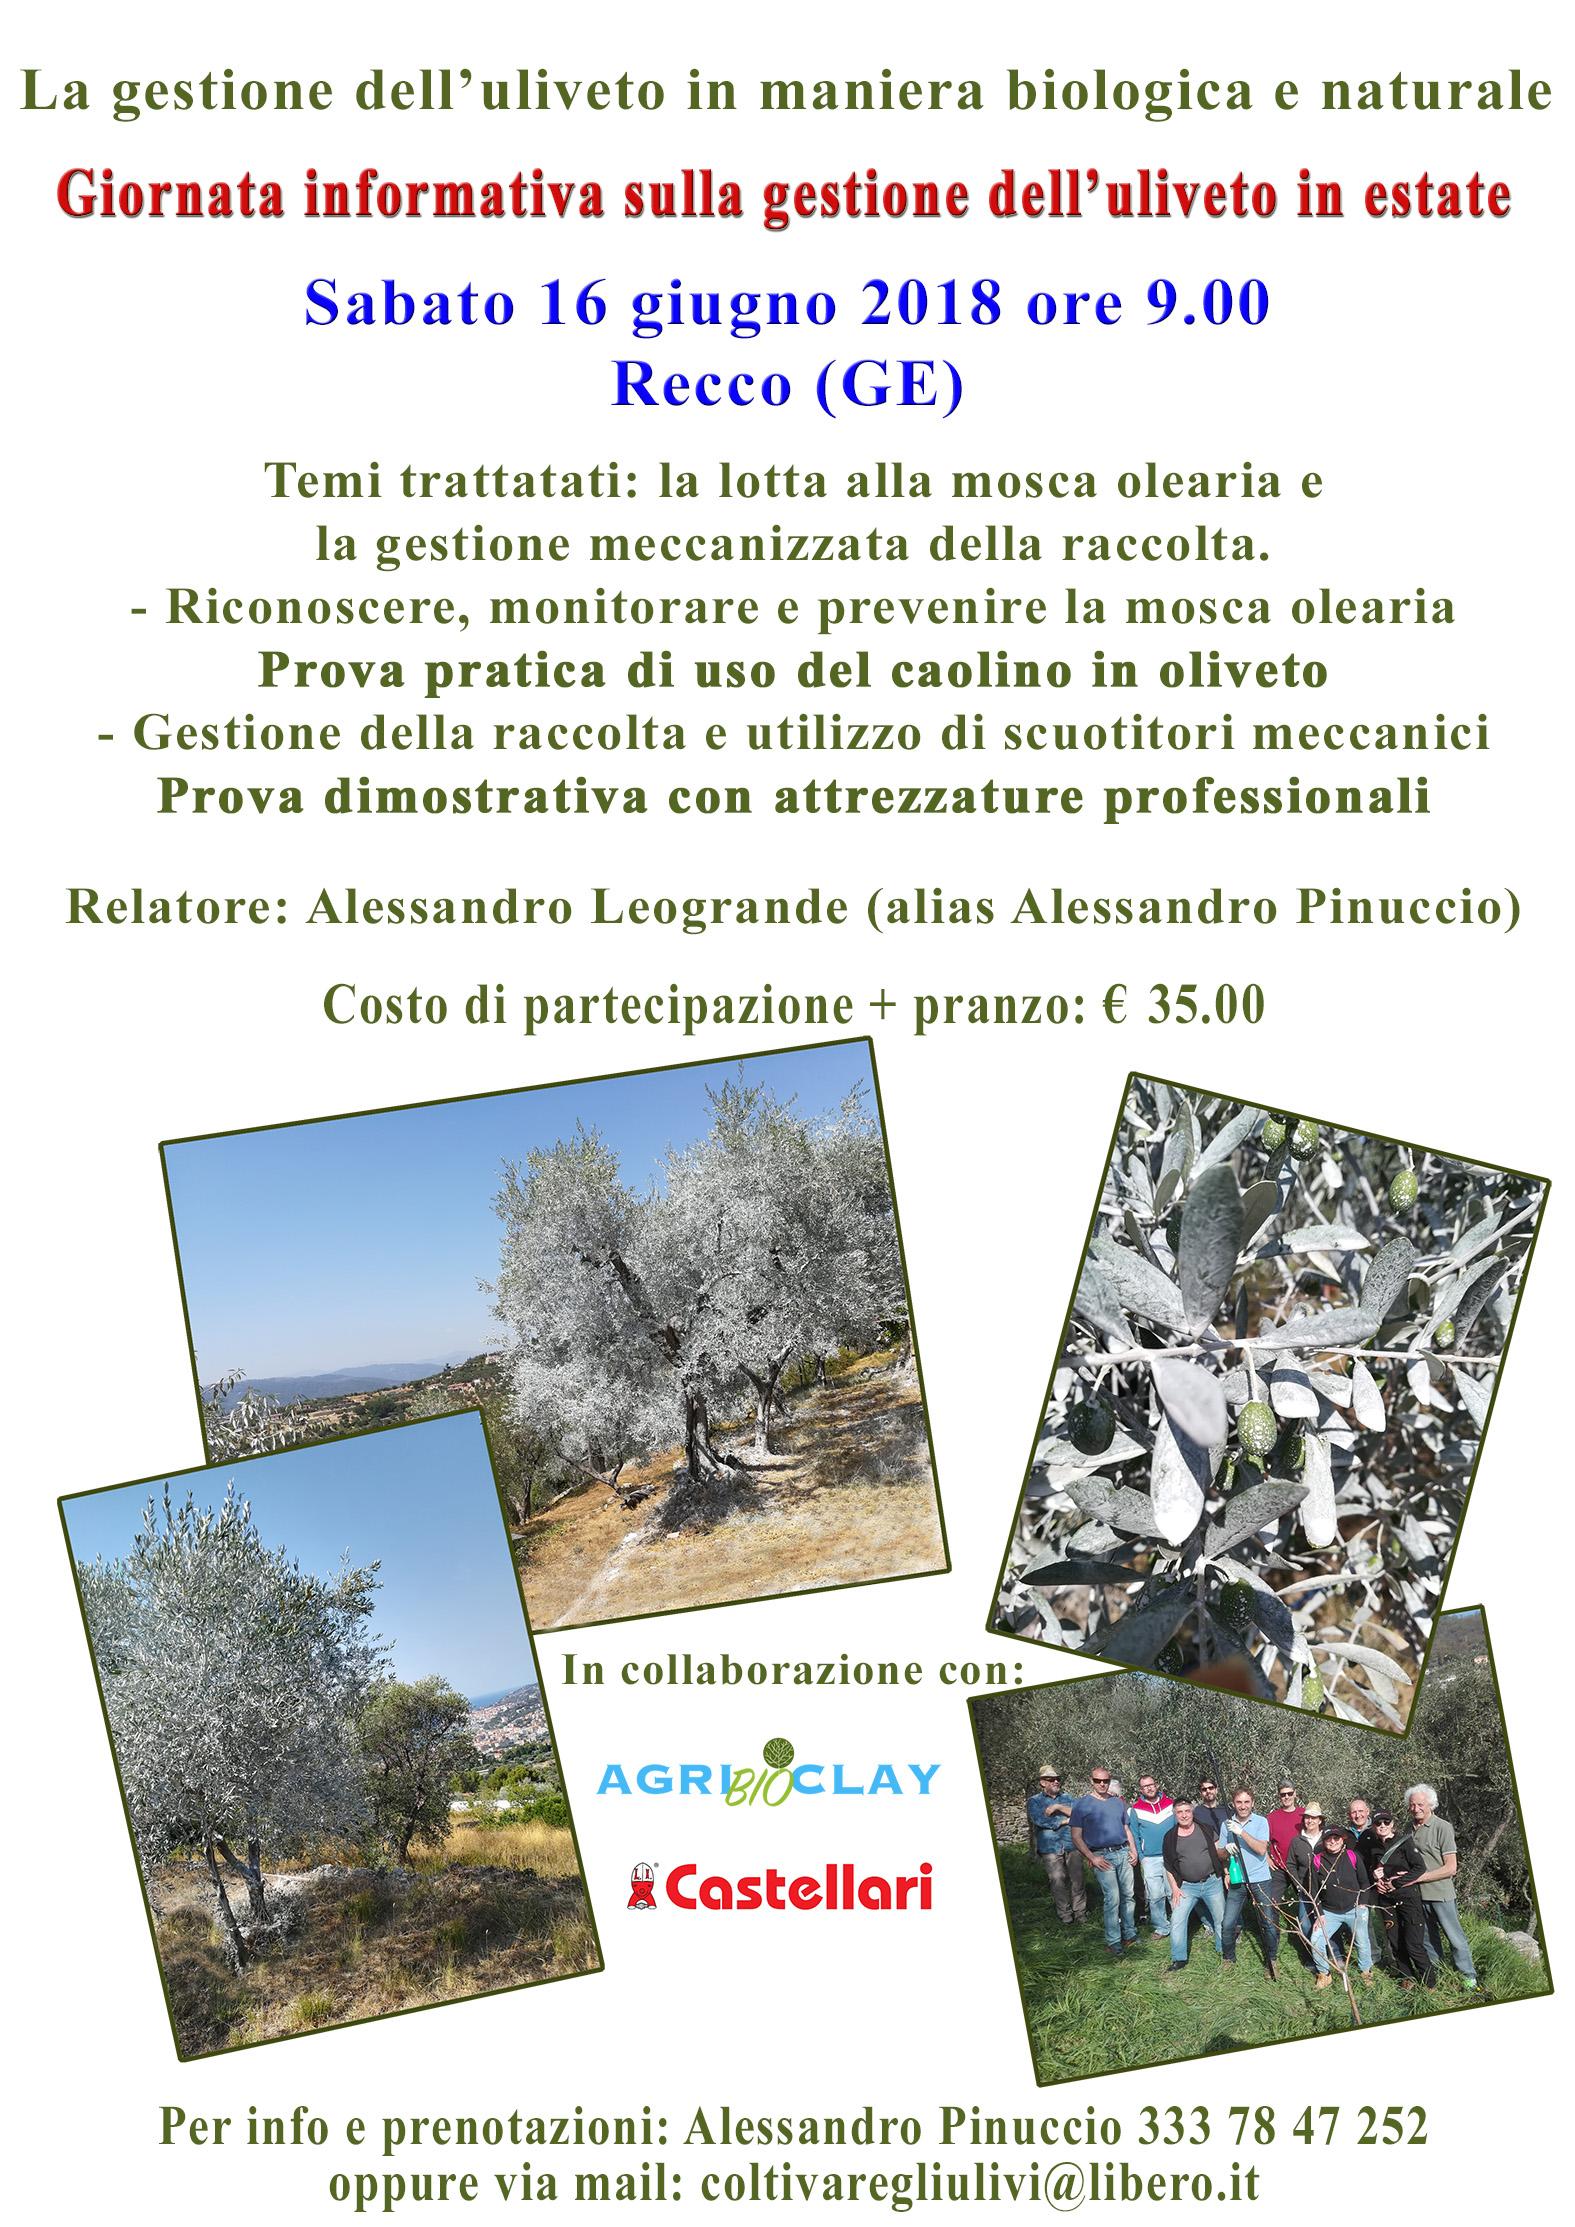 Recco (GE) – Giornata informativa sulla gestione dell'uliveto in estate